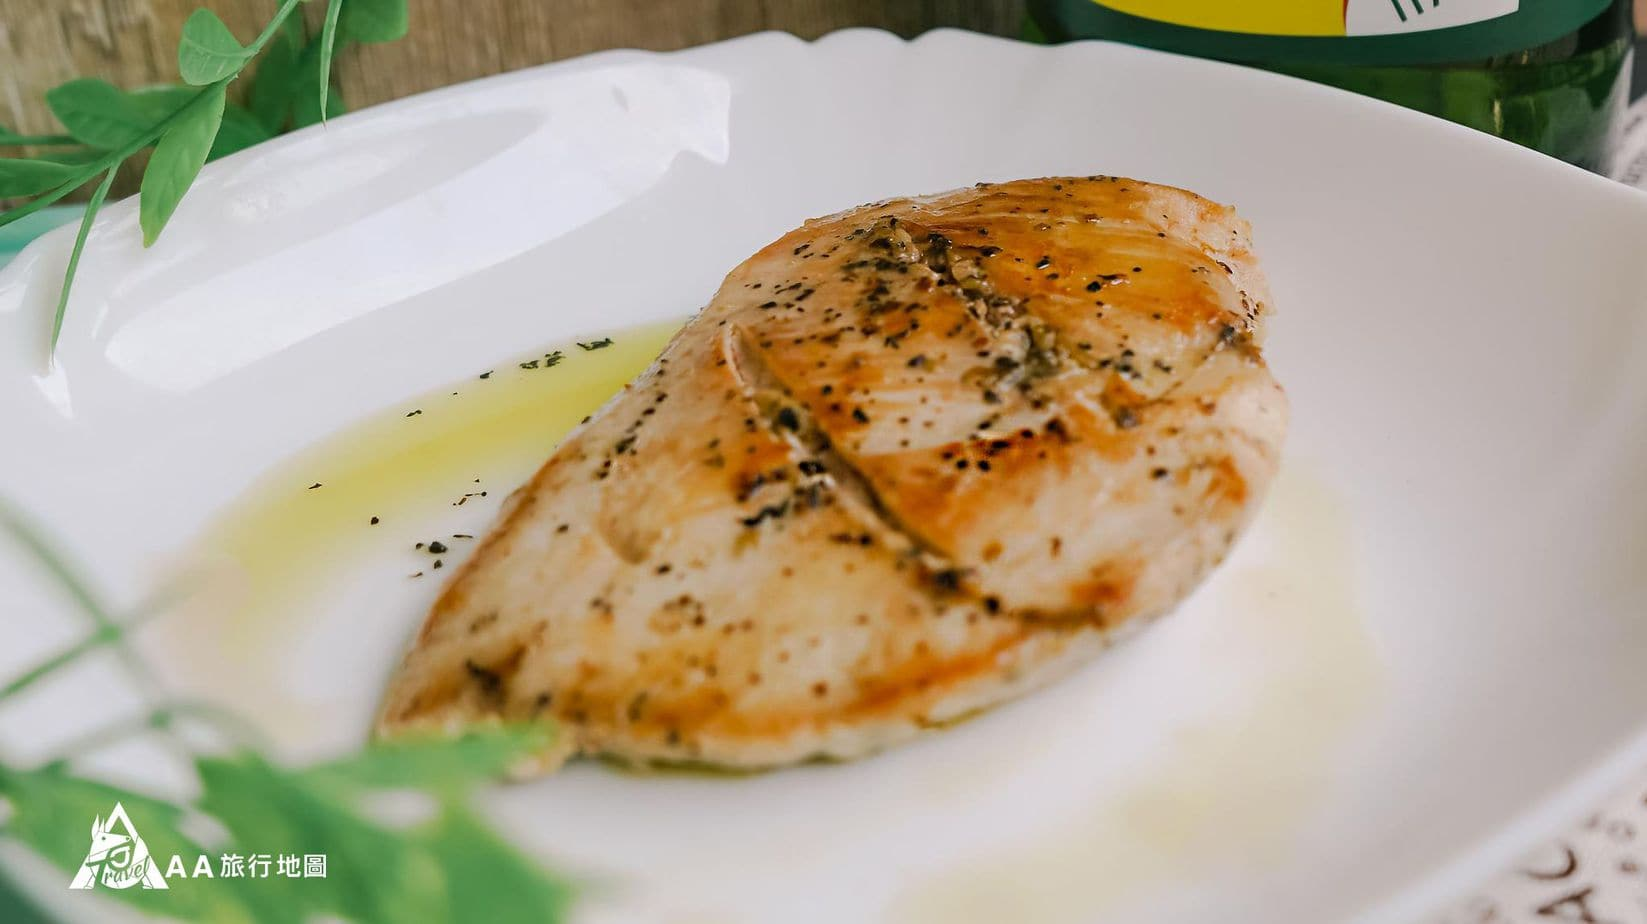 餓貳市場 雞胸肉選手一號,雖然可以不用油,但 Aa 喜歡有點橄欖油的香味